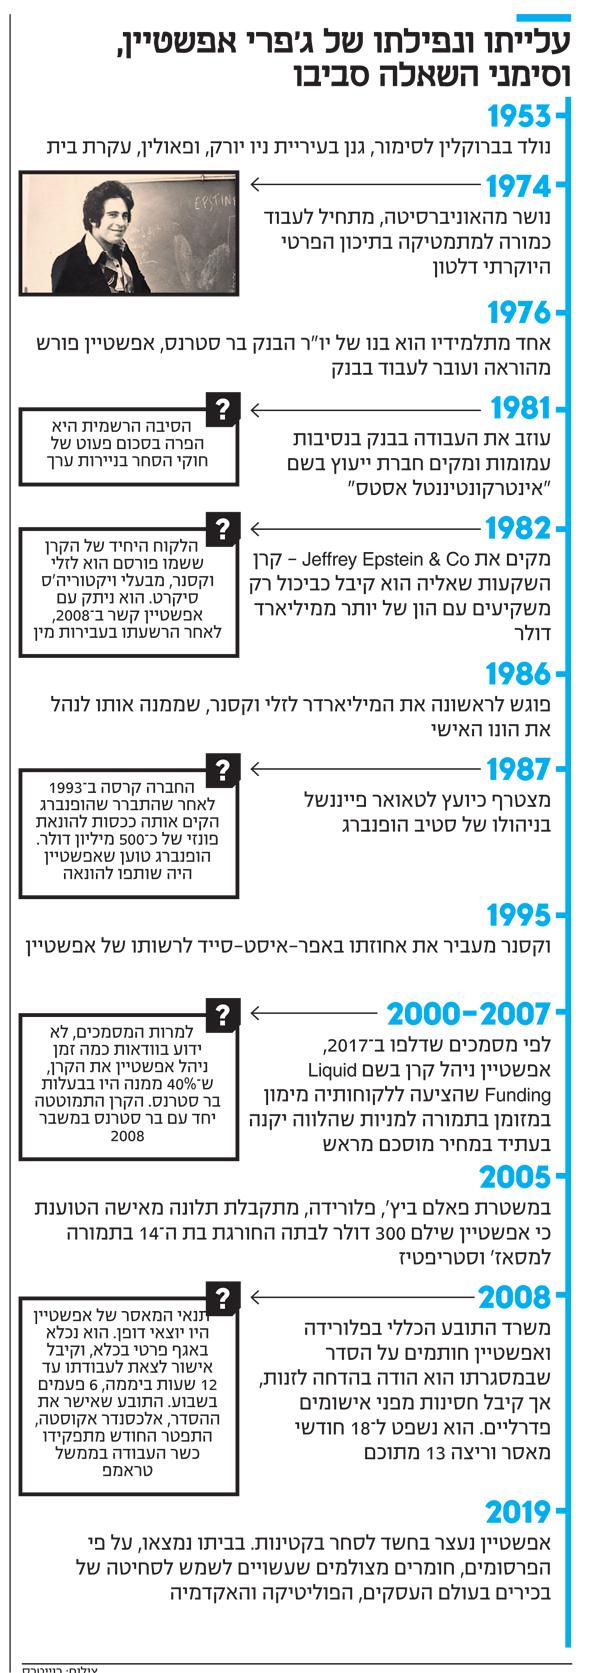 שמועות האם לכאורה נמצאו ראיות וצילומי וידאו הקושרים פולטיקאים ואנשי עסקים גם ישראלים ויהודים לאפשטיין ומעשיו? 5